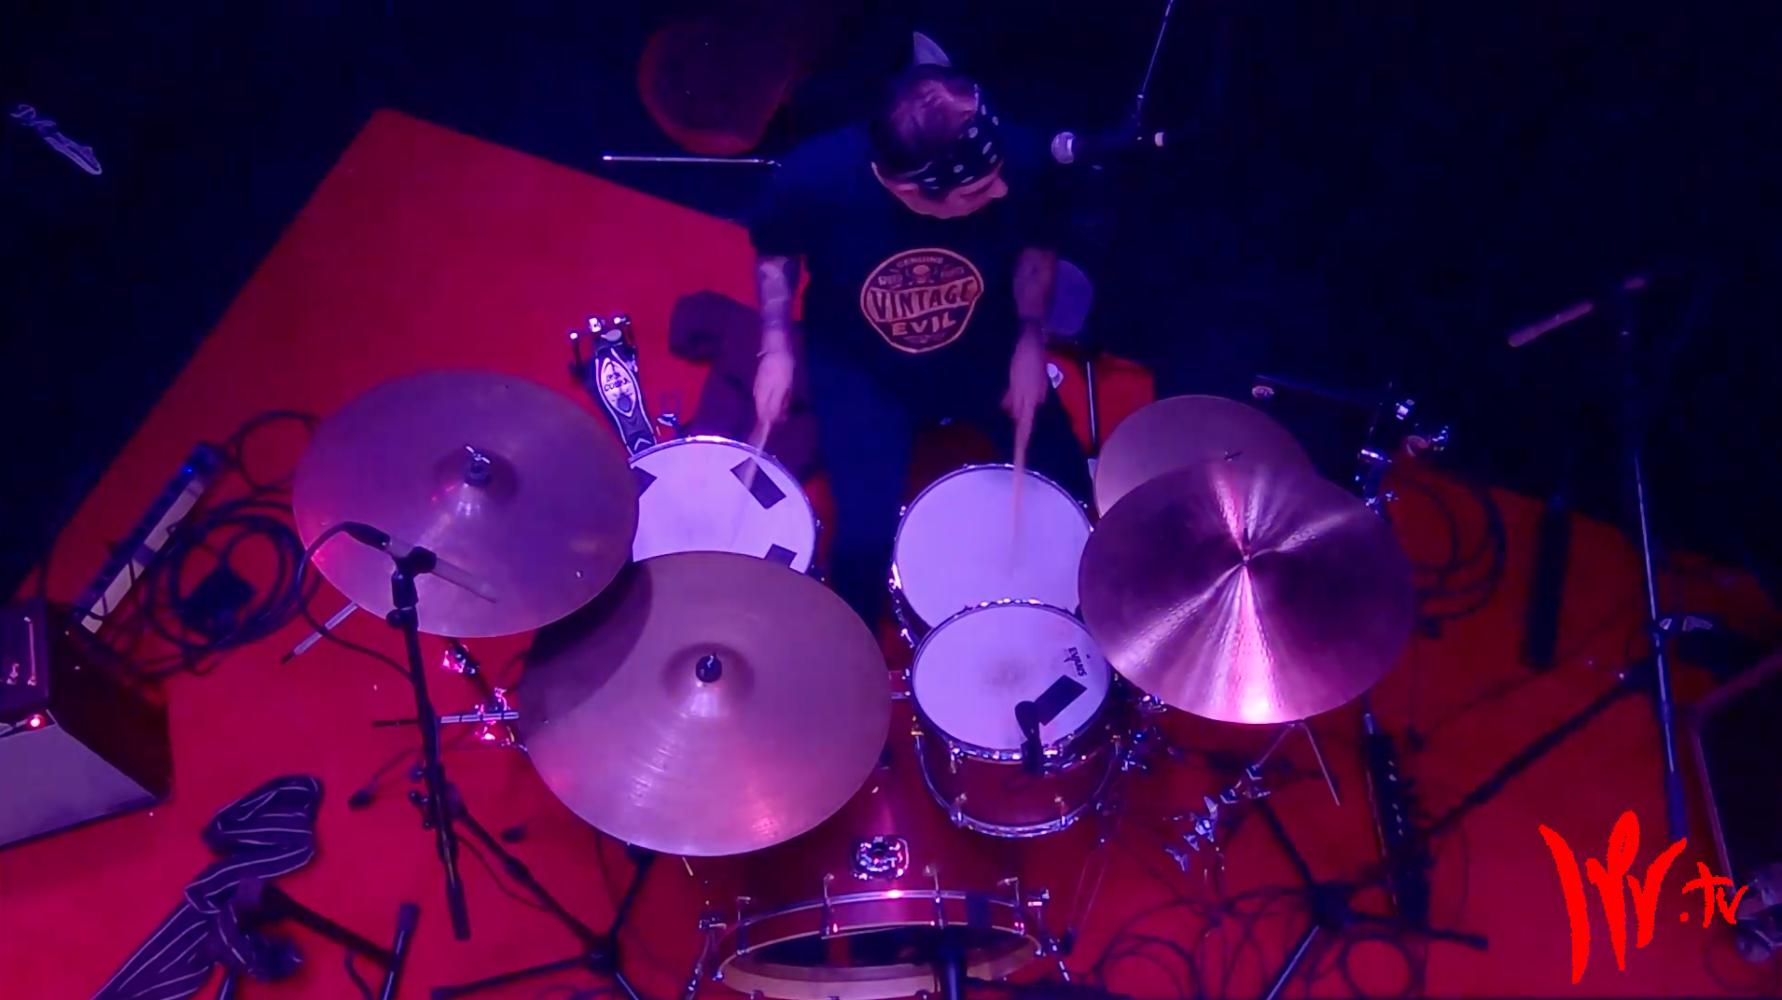 Bush Tetras Live Stream LPR Dee Pop